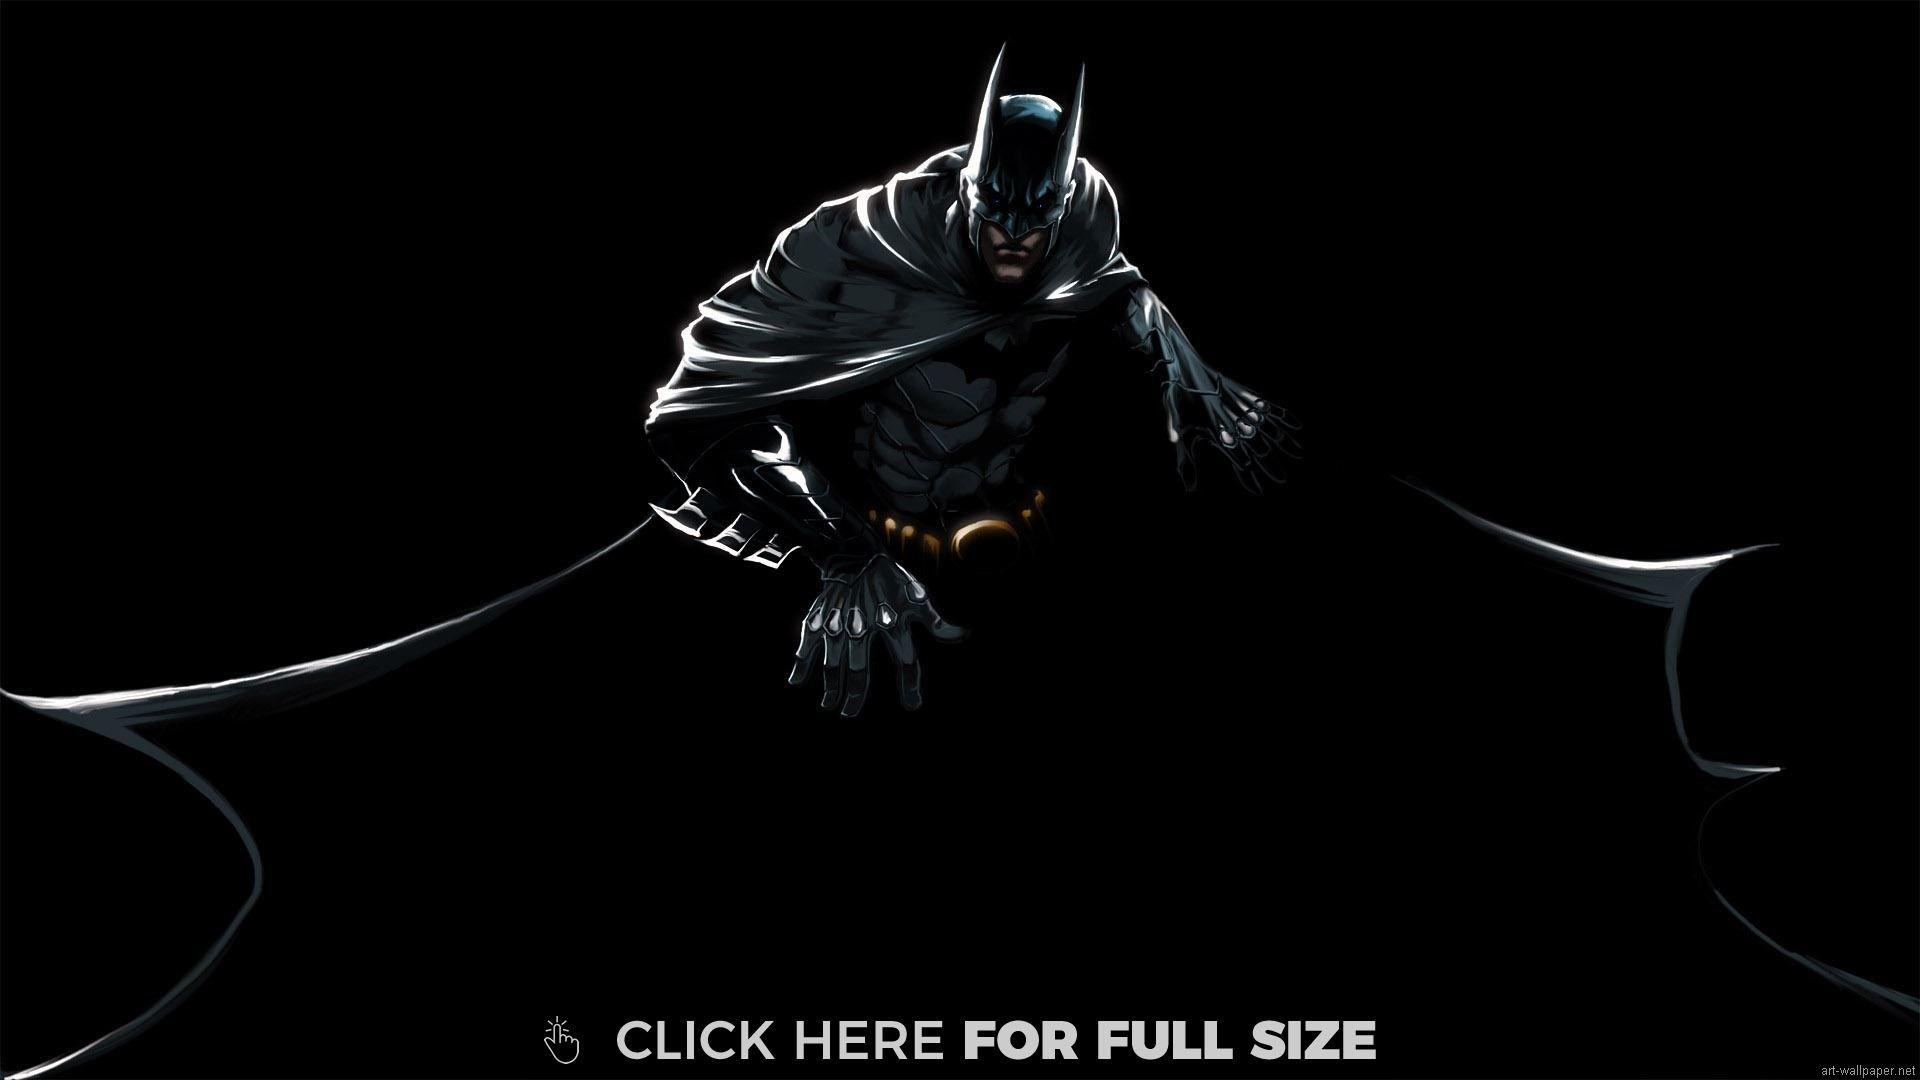 dc comics batman wallpaper | desktop wallpapers | pinterest | batman